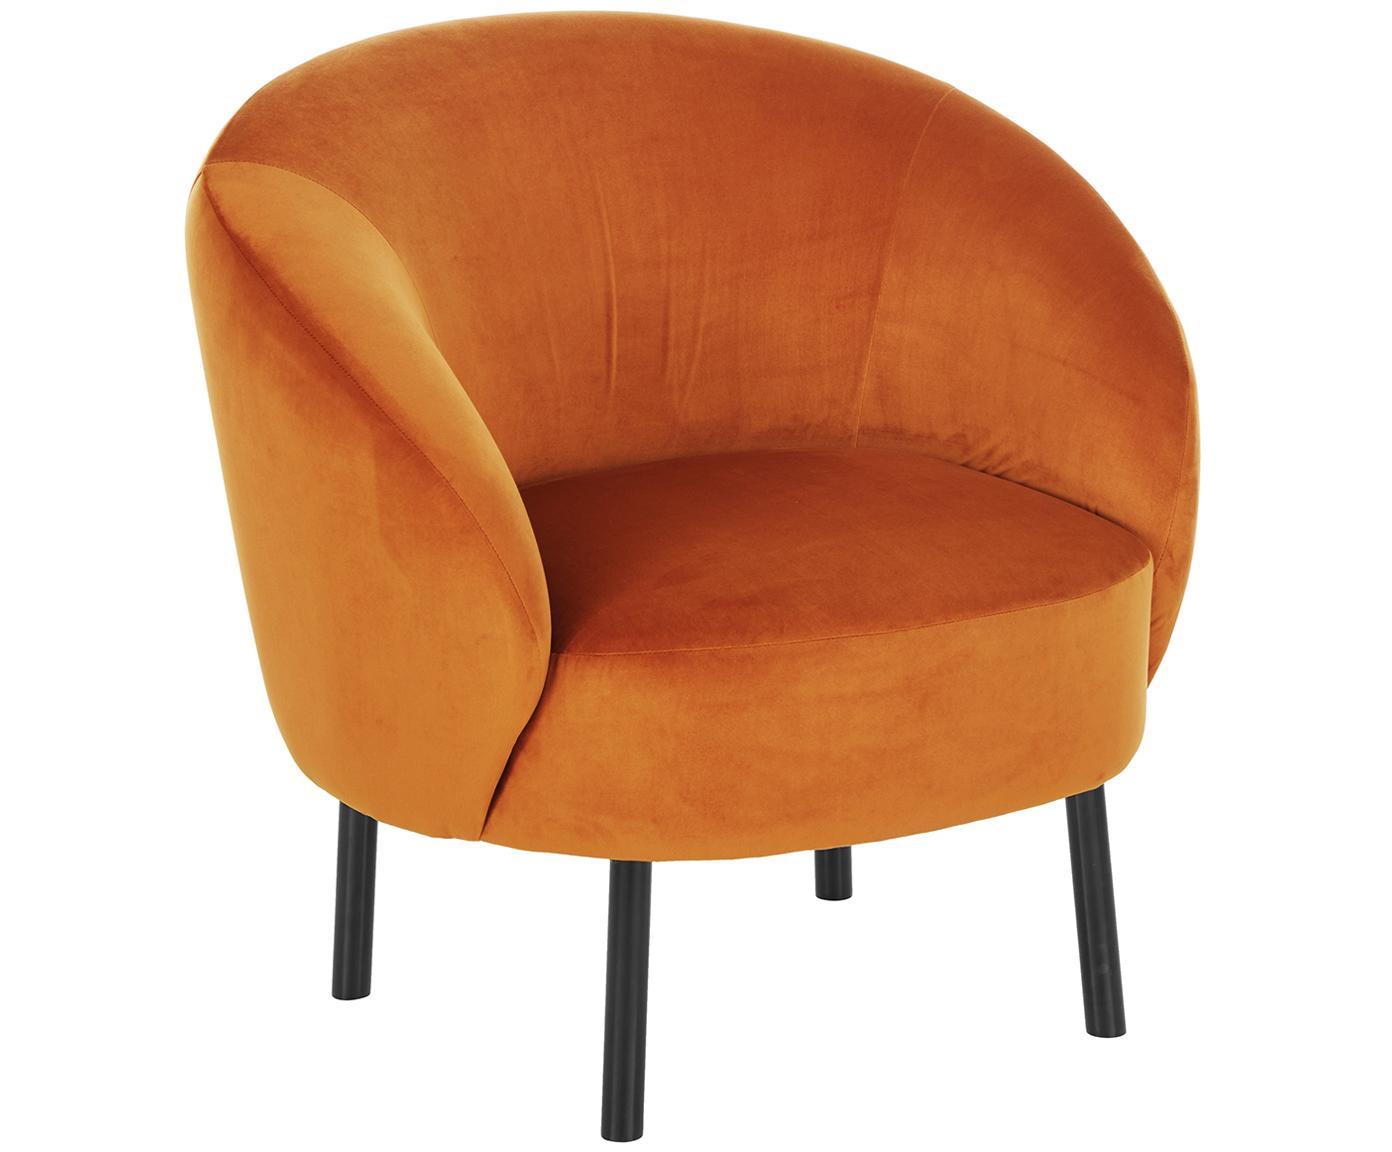 Fotel z aksamitu Freja, Tapicerka: aksamit (poliester) 30 00, Nogi: metal malowany proszkowo, Pomarańczowy aksamit, S 65 x G 72 cm